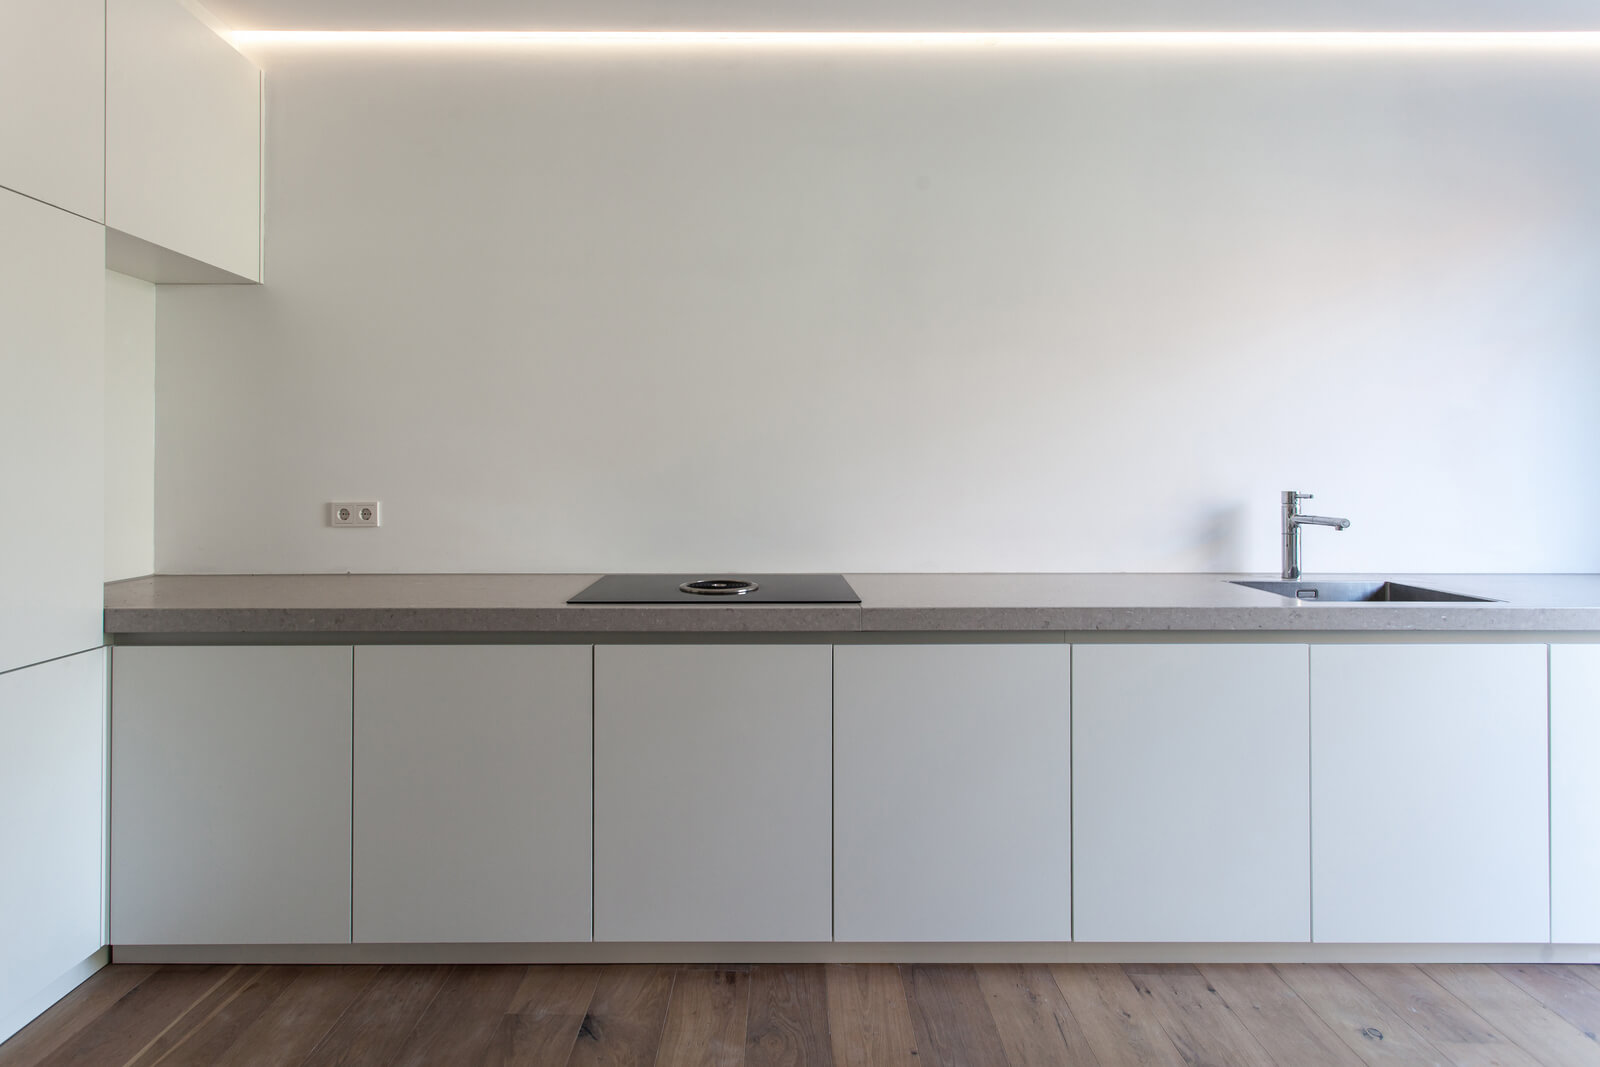 Daylight Award Flushglaze lichtstraat brengt licht in keuken